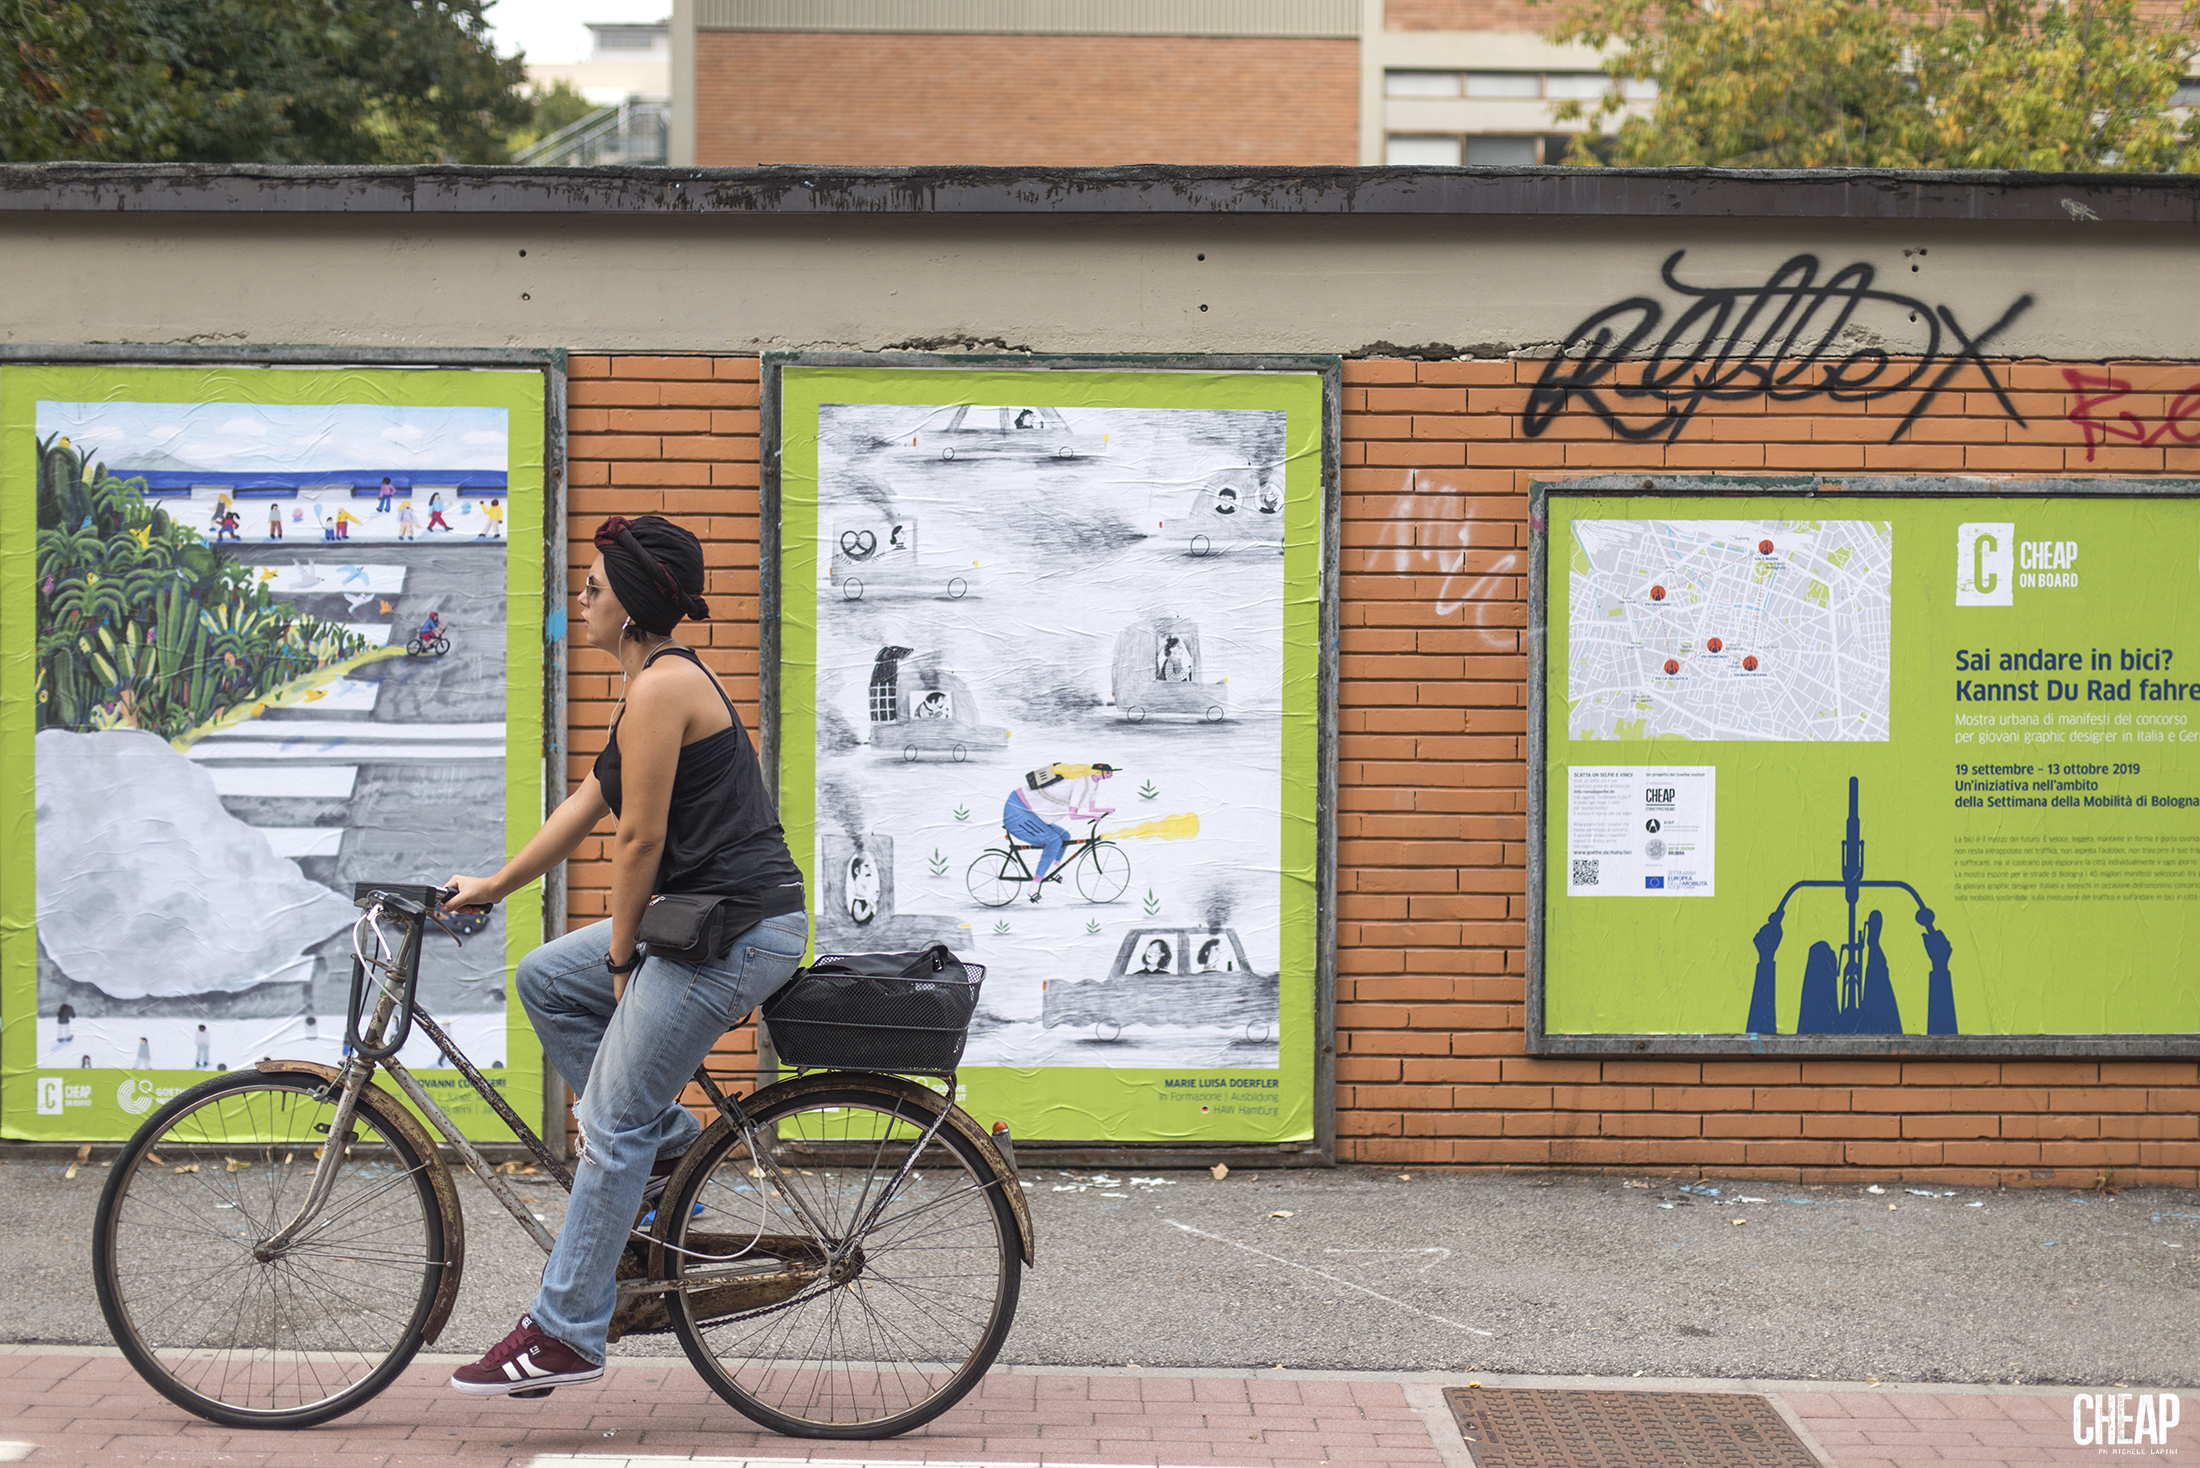 Sai andare in bici? L'affissione di CHEAP per il Goethe-Institut